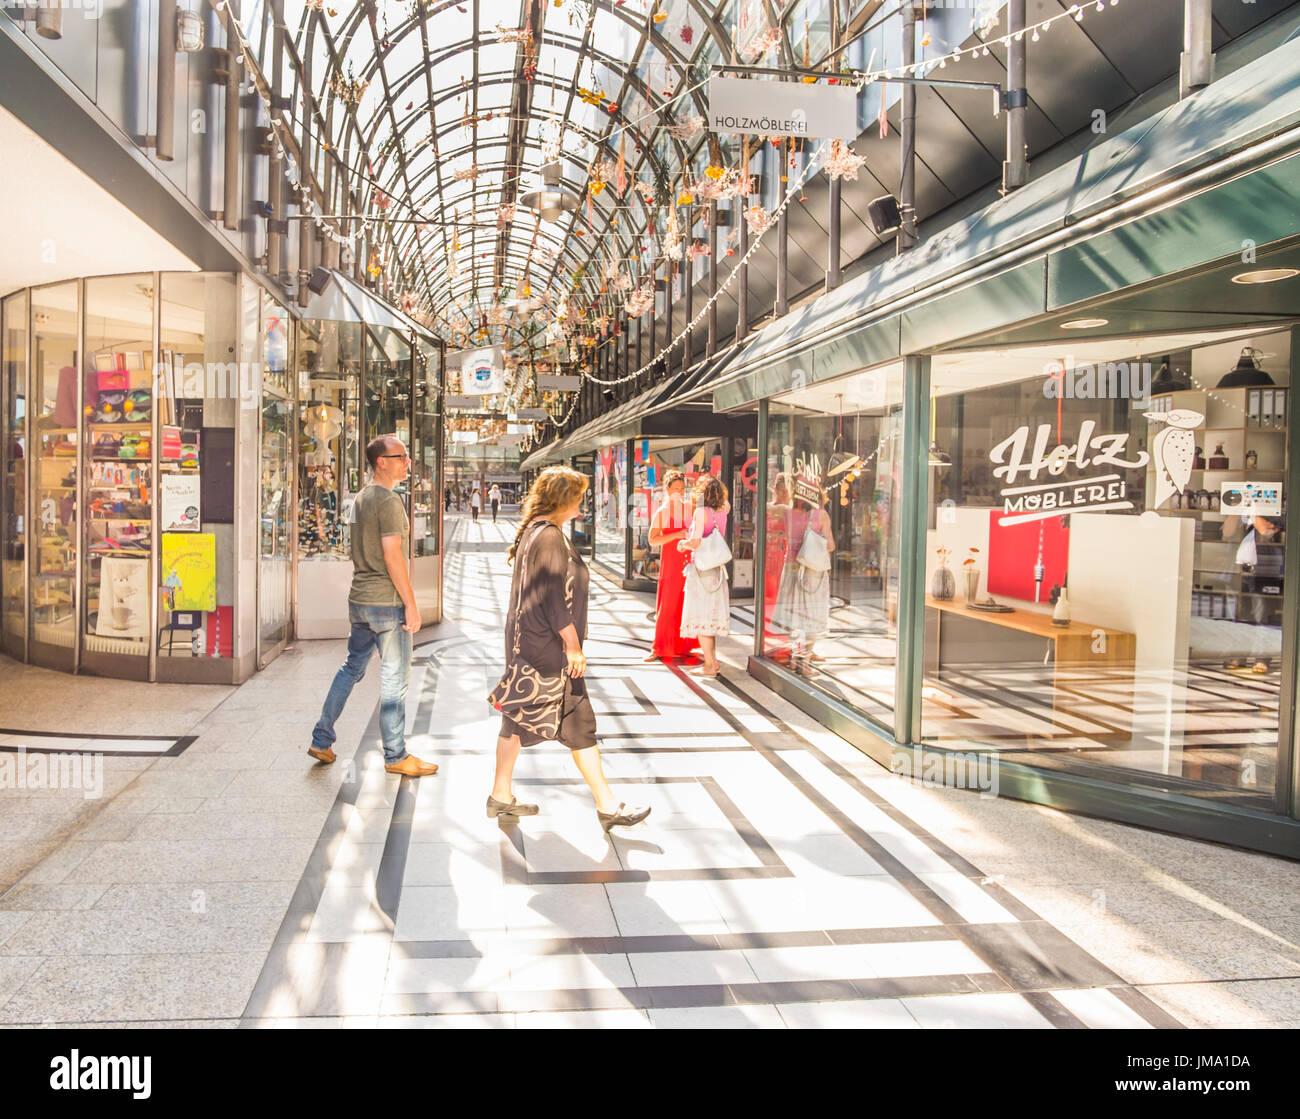 Shopper im Calwer Passage, Fluxus-zeitgenössische Concept-Store, Stuttgart, Baden-Württemberg, Deutschland Stockfoto